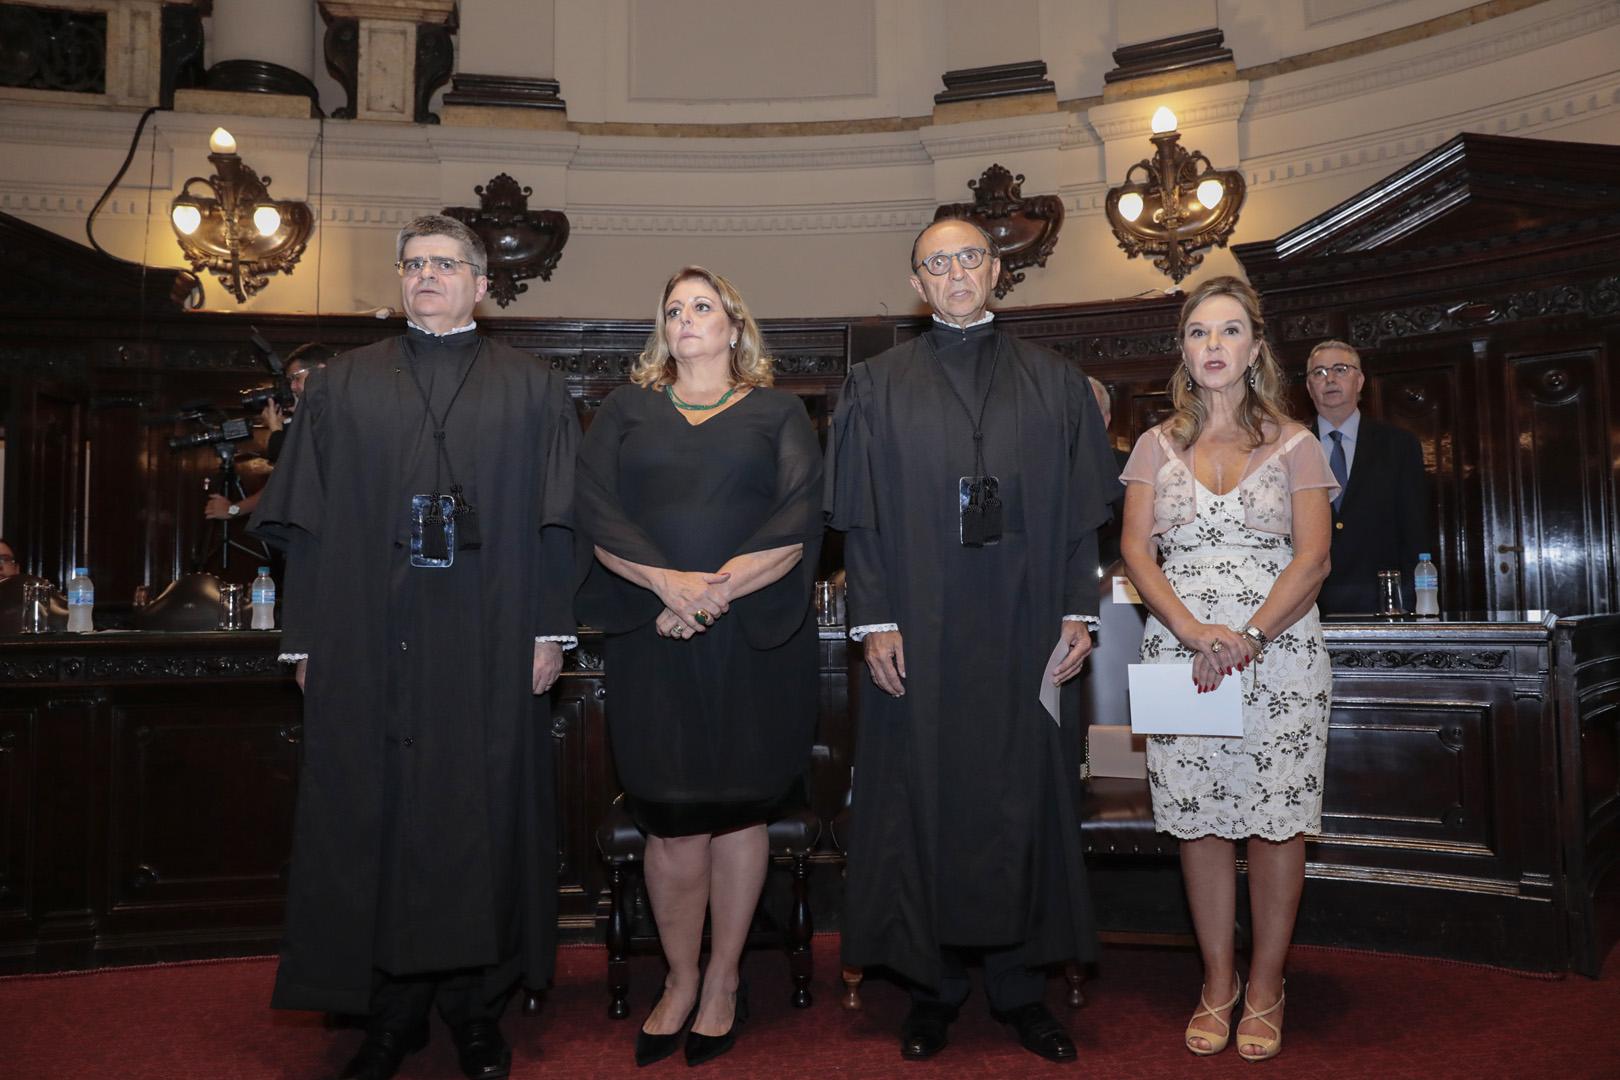 Desembargadores Cláudio Marques e Elói Estevão Troly tomam posse no TJSP